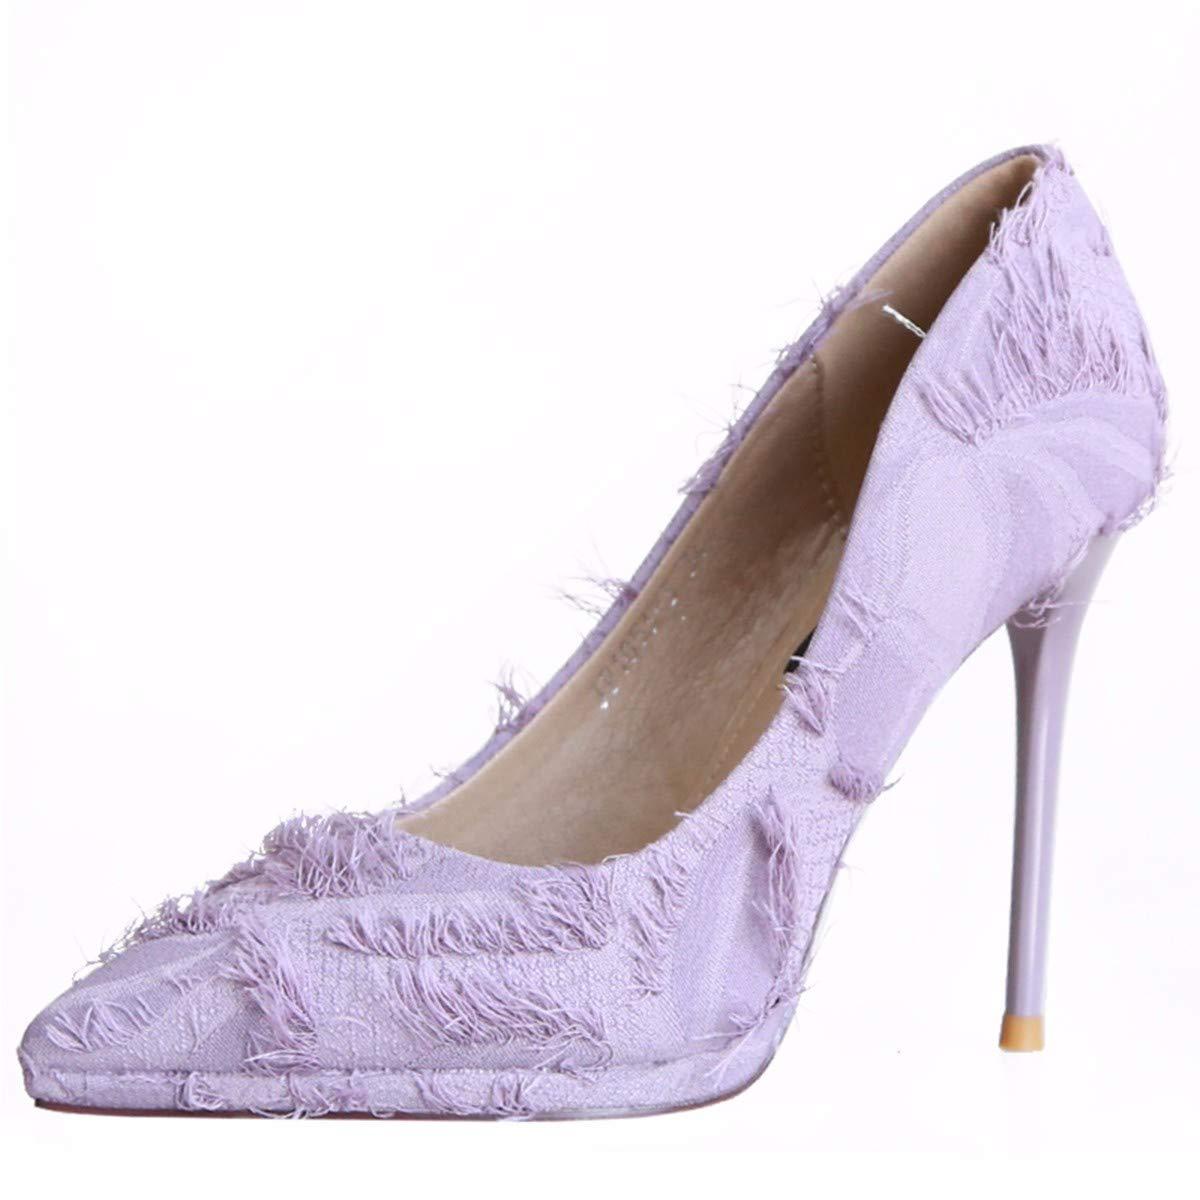 KPHY Damenschuhe/Einfache 9Cm Hochhackigen Schuhe Wies Herbst Joker Wies Schuhe Kopf Flachen Mund Schuhe Dünn Schuhe Dünnen Schuhen.39 Violet  - 4499c5